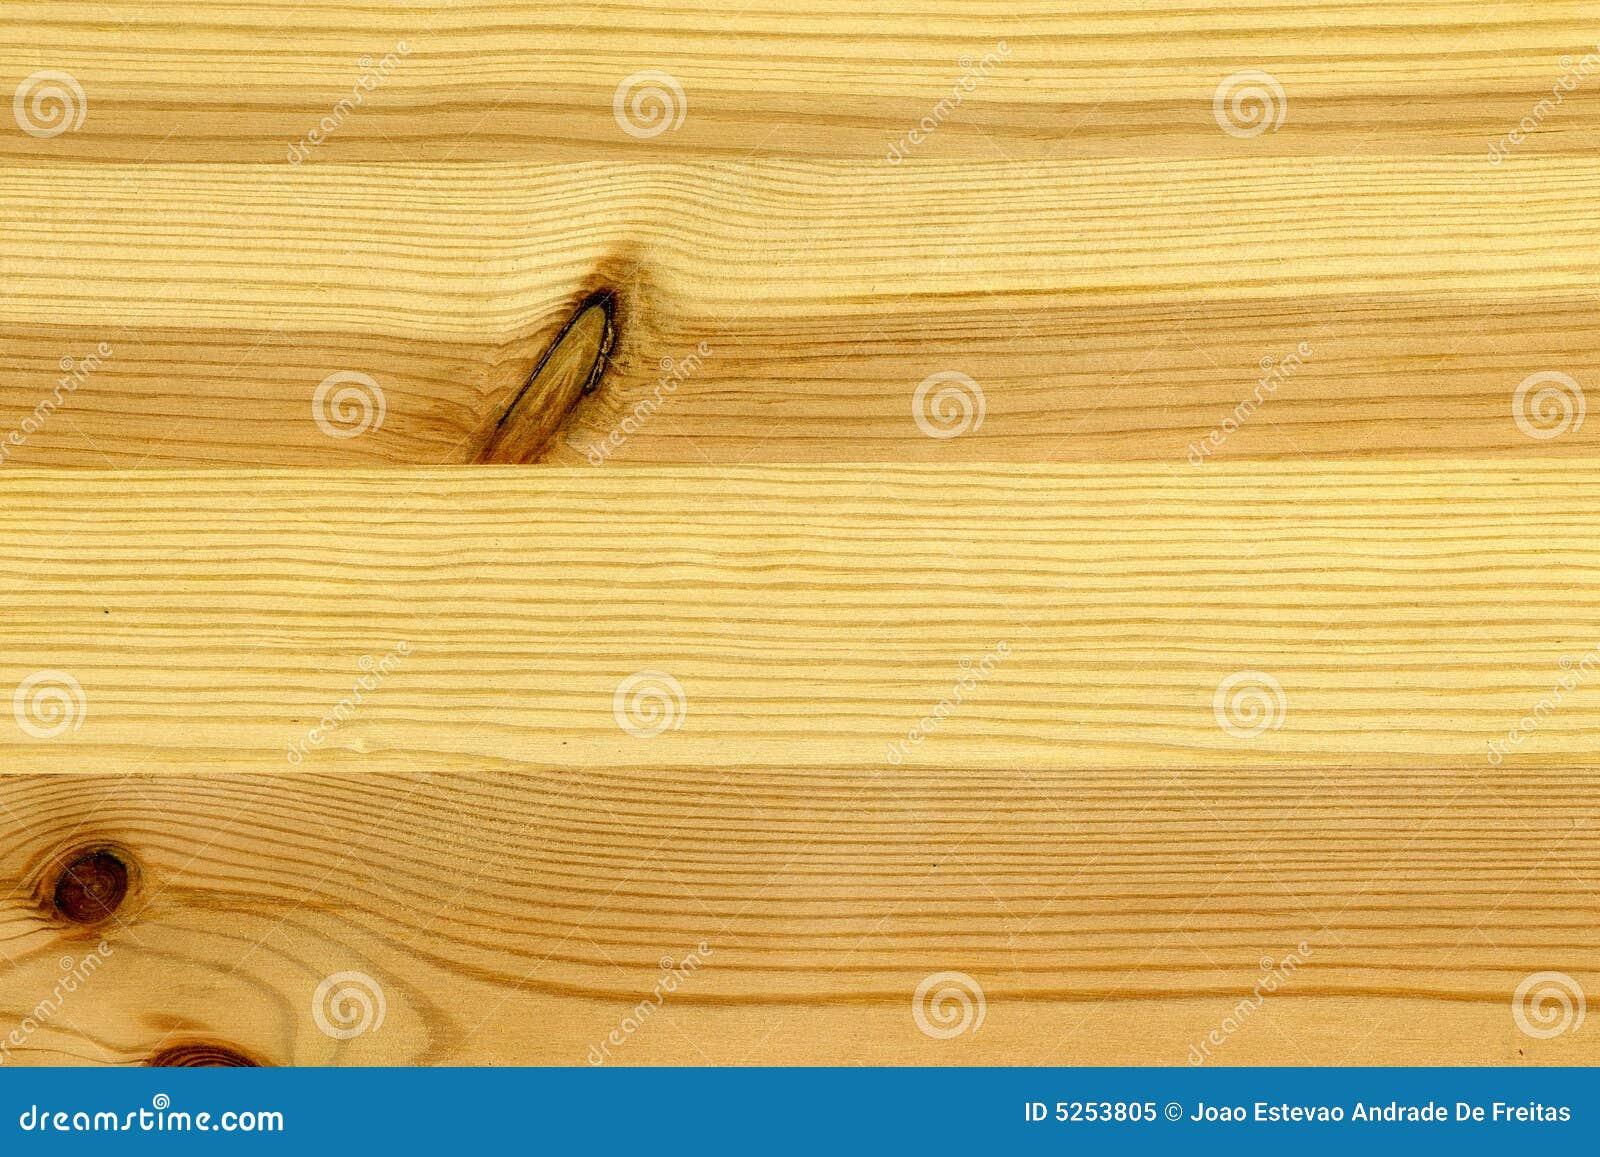 Un tabl n de la madera de pino - Madera de pino ...